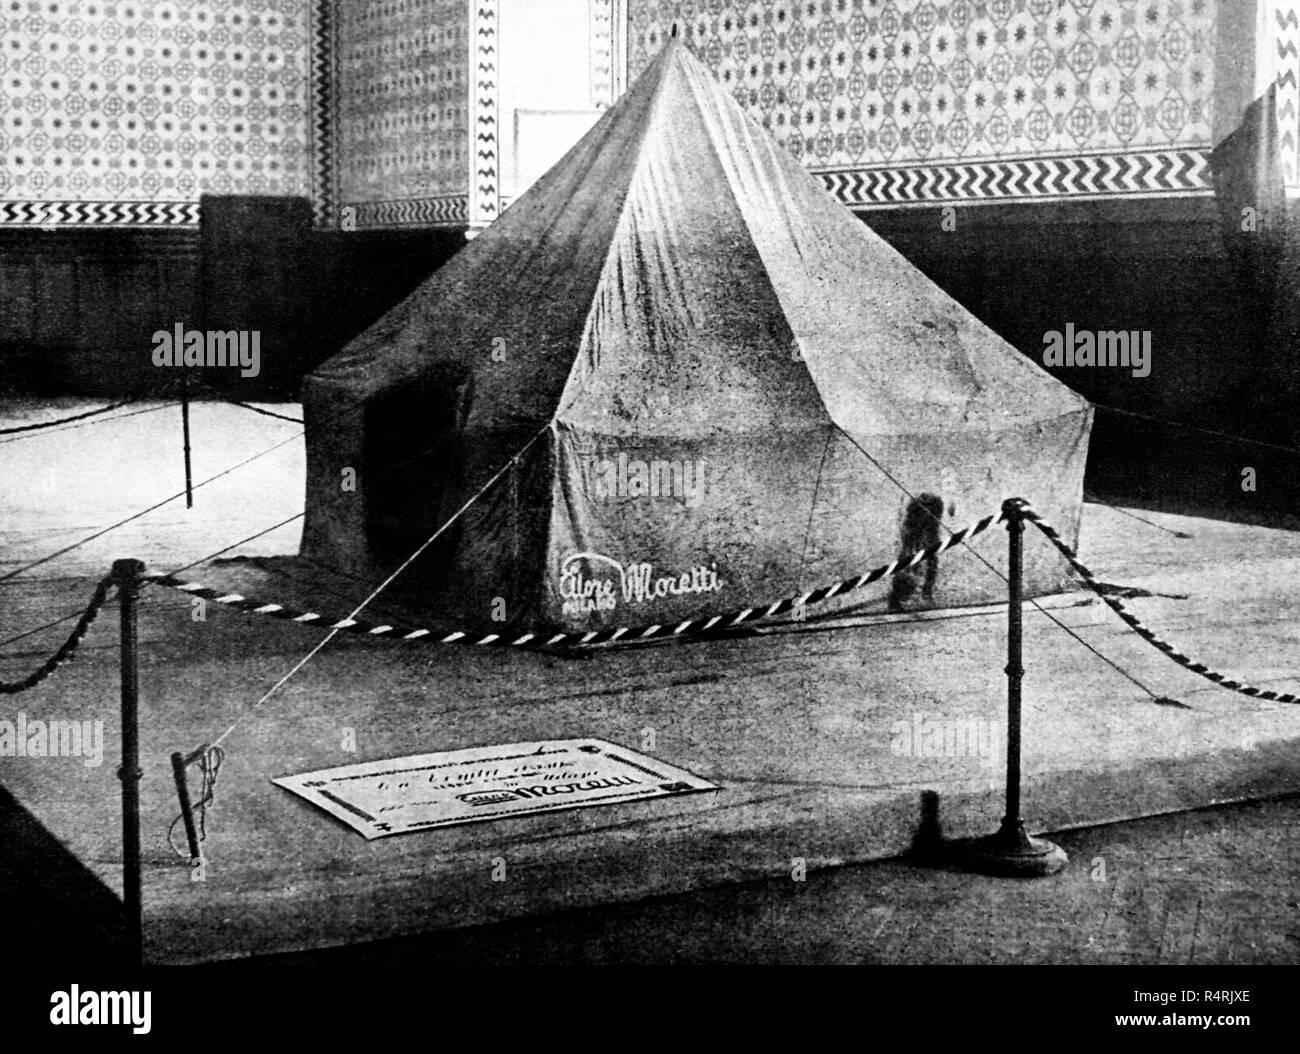 La Tenda Rossa di Umberto Nobile expedition progettato da felice trojani, esposta al Castello Sforzesco di Milano nel 1928 Immagini Stock